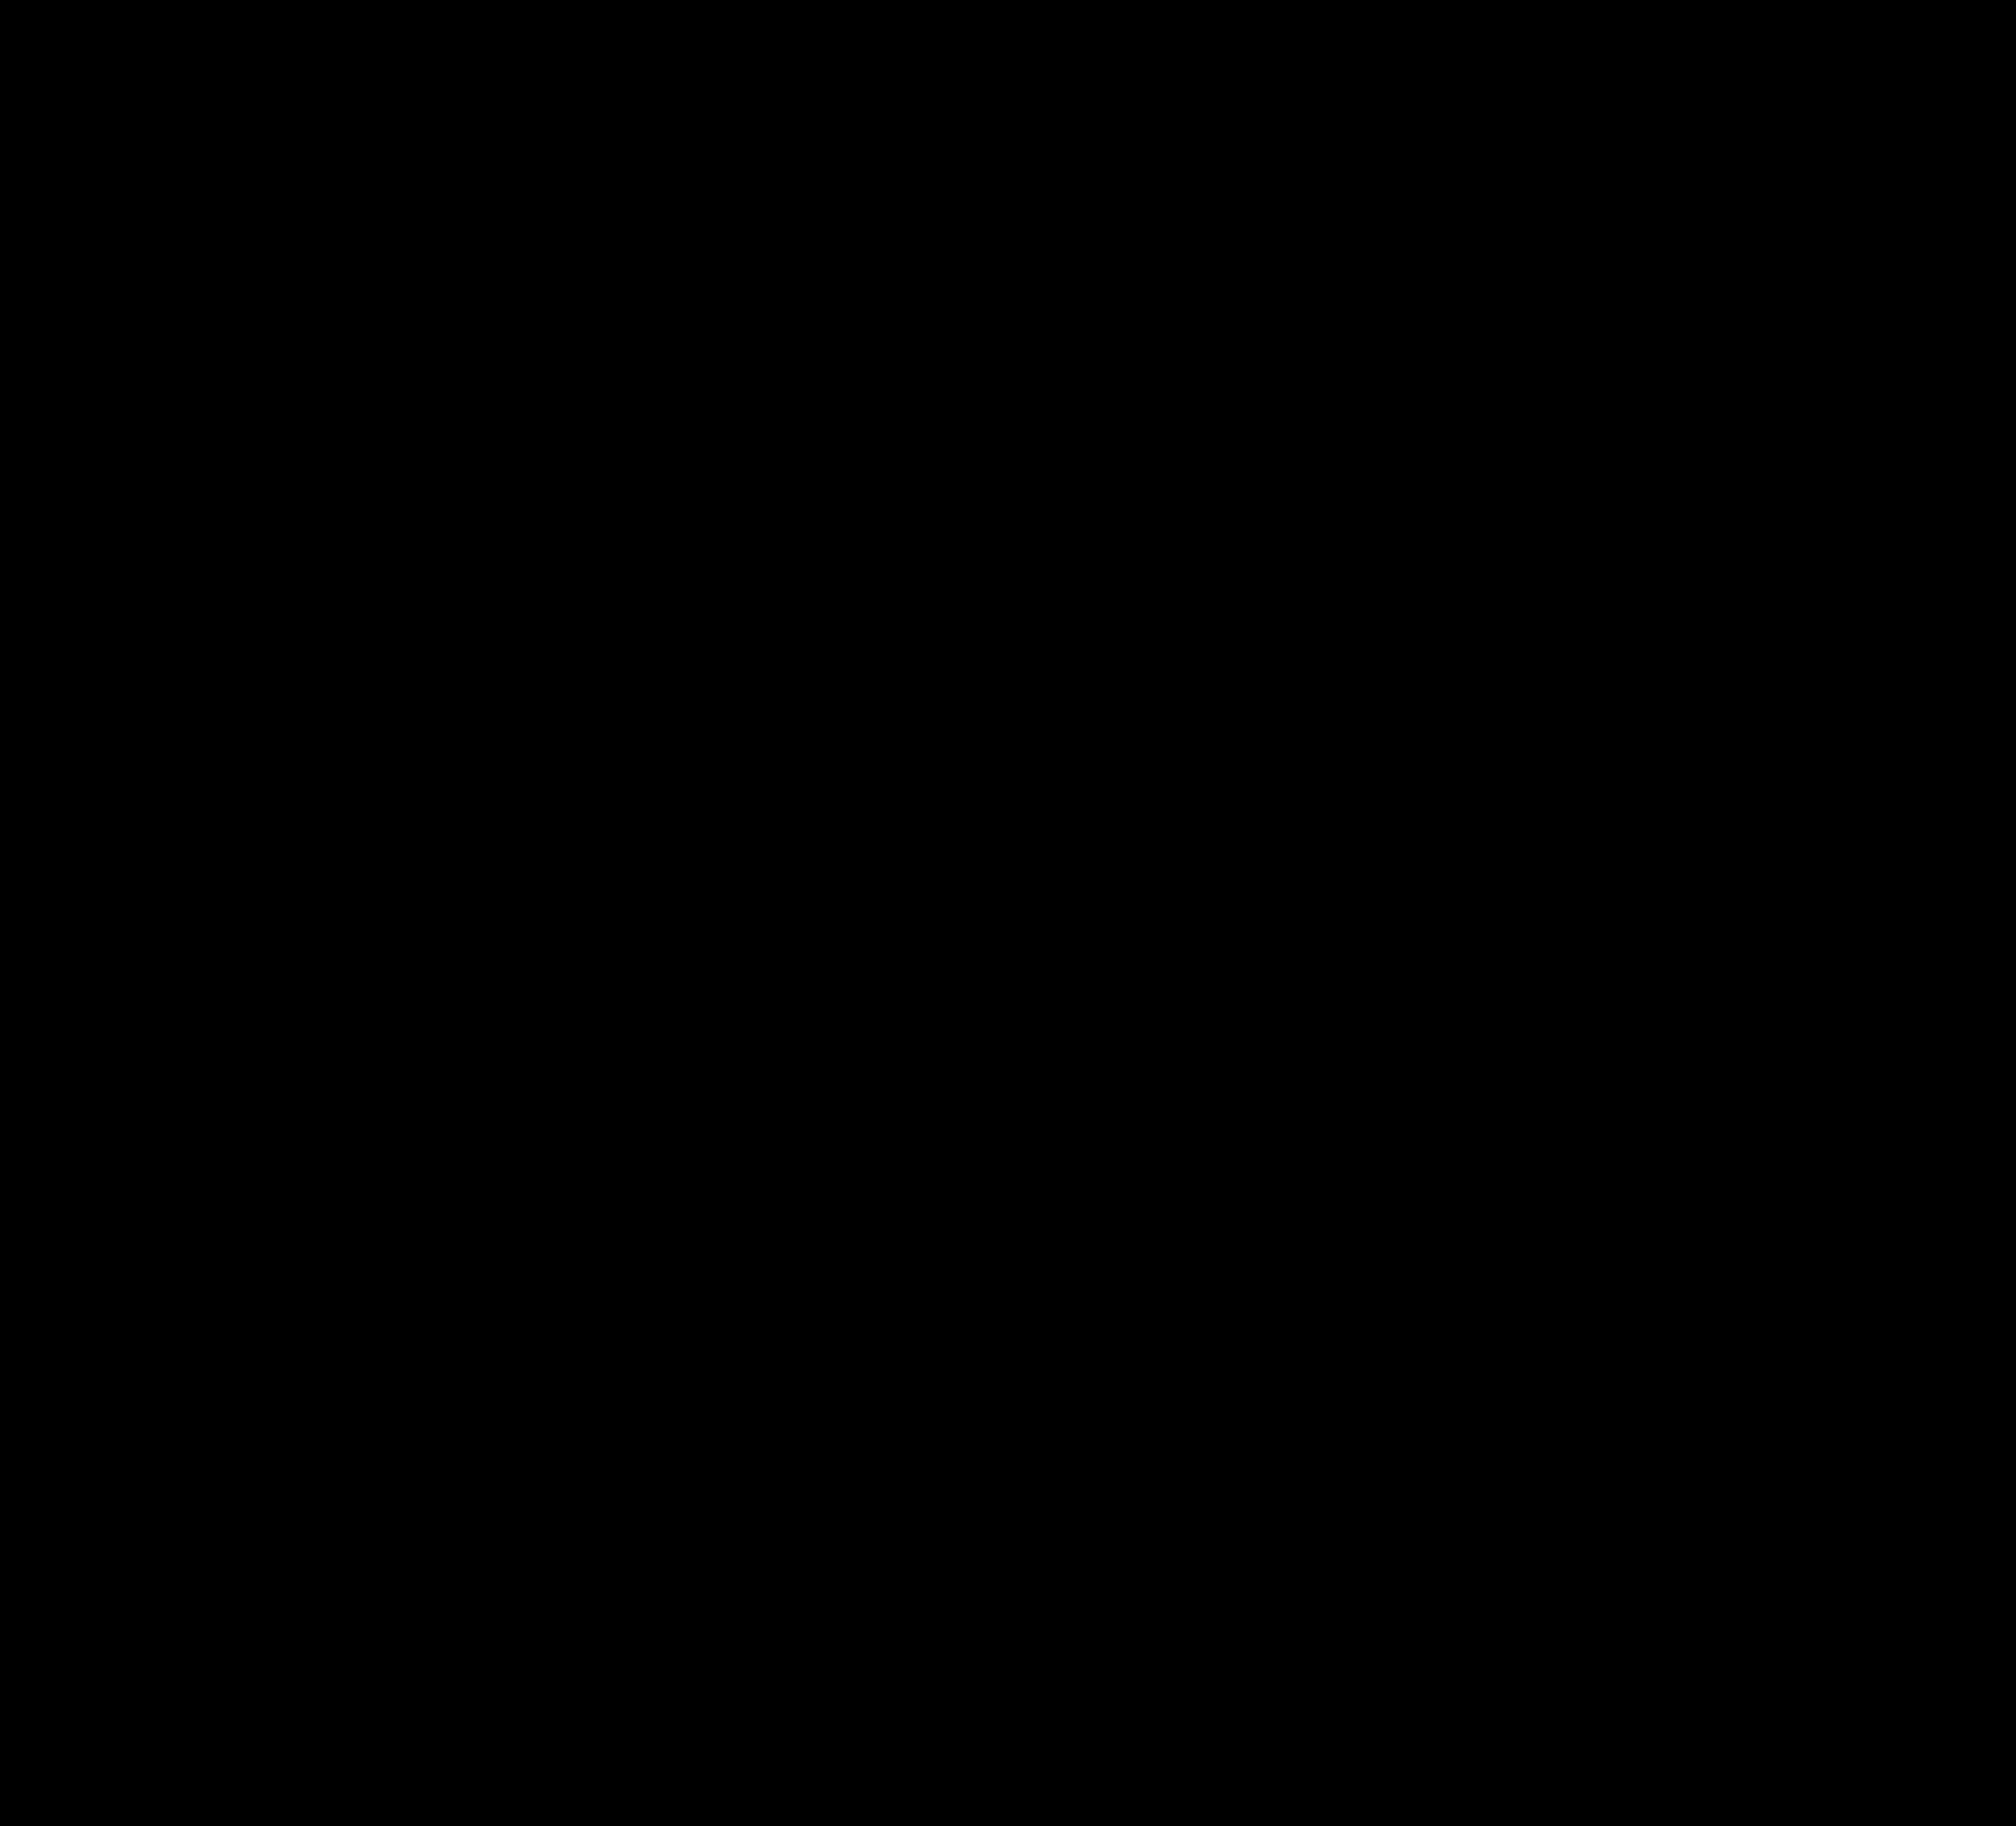 insta-07.png